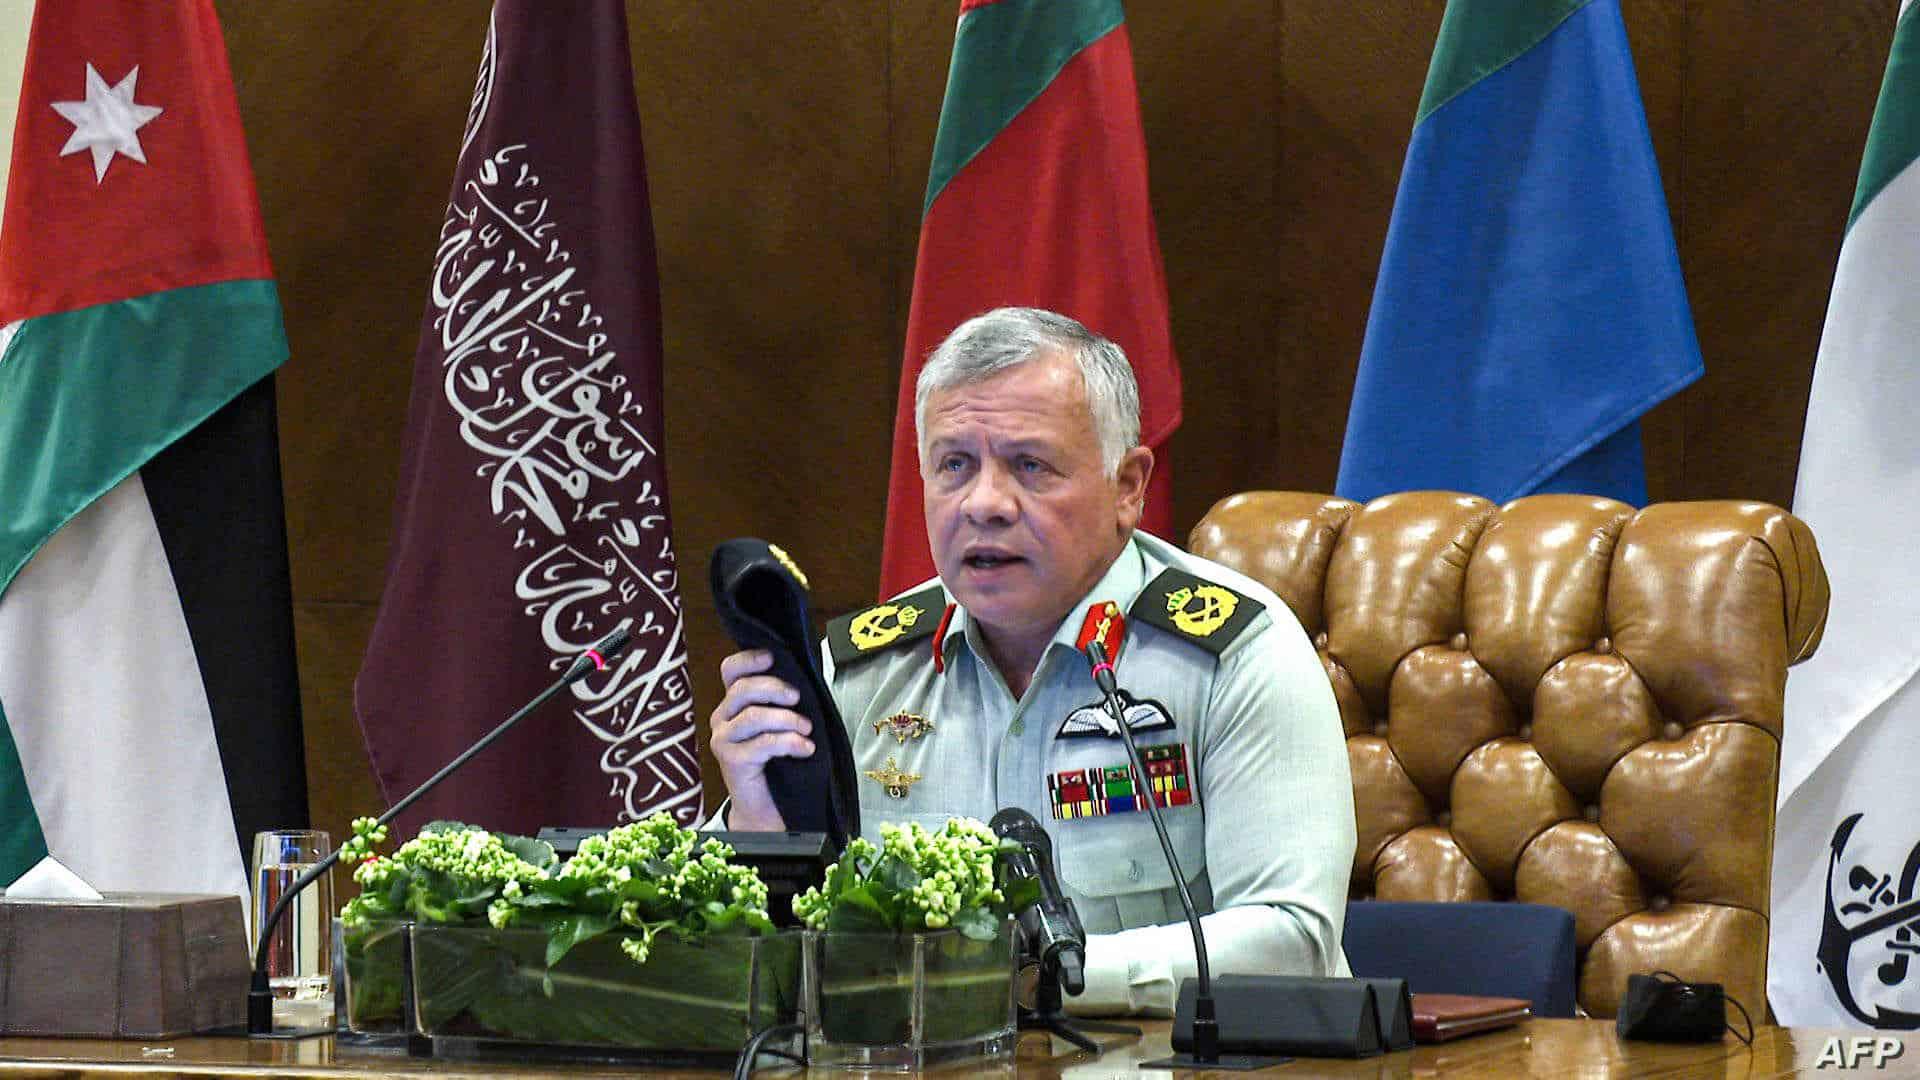 لماذا شكك دبلوماسيون غربيون وعرب بوجود مؤامرة في الأردن.. تفاصيل جديدة